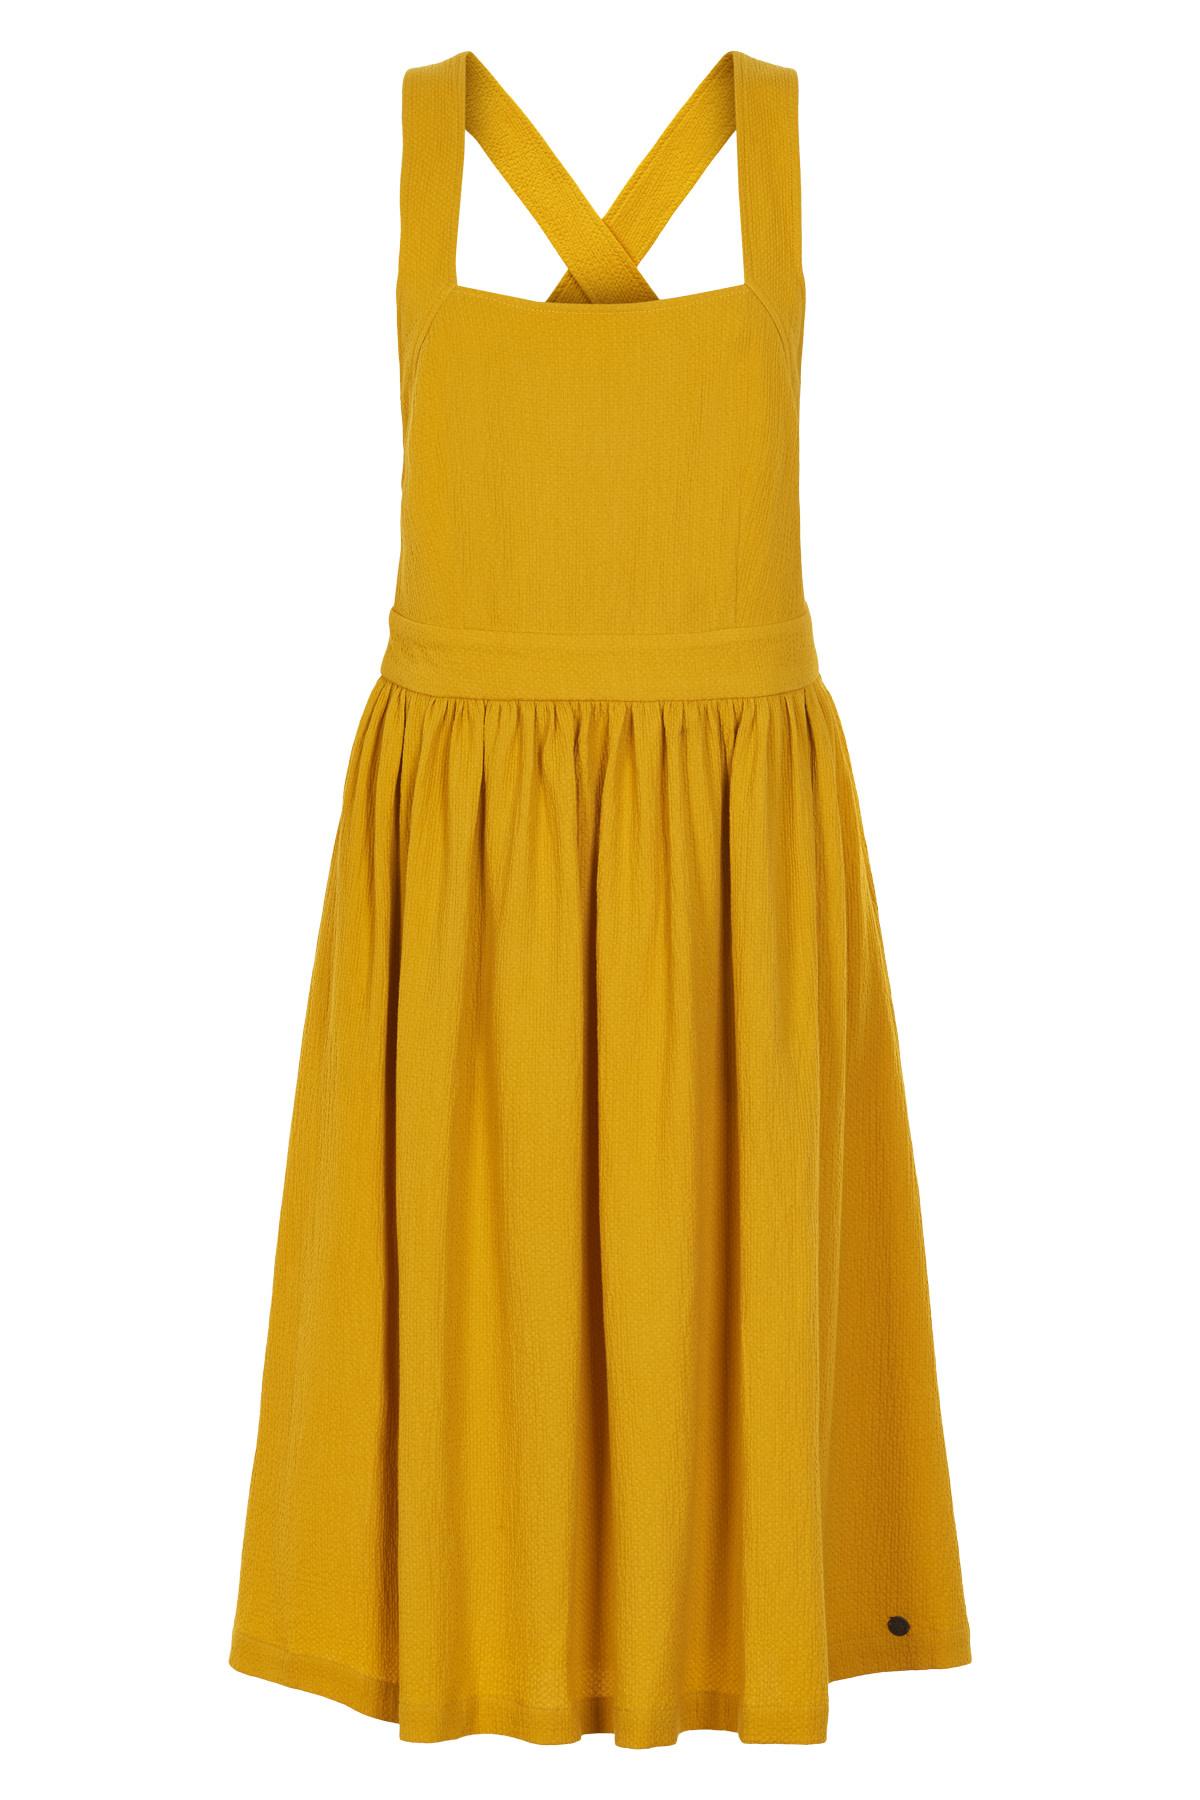 Nümph Kinley Dress - Oker